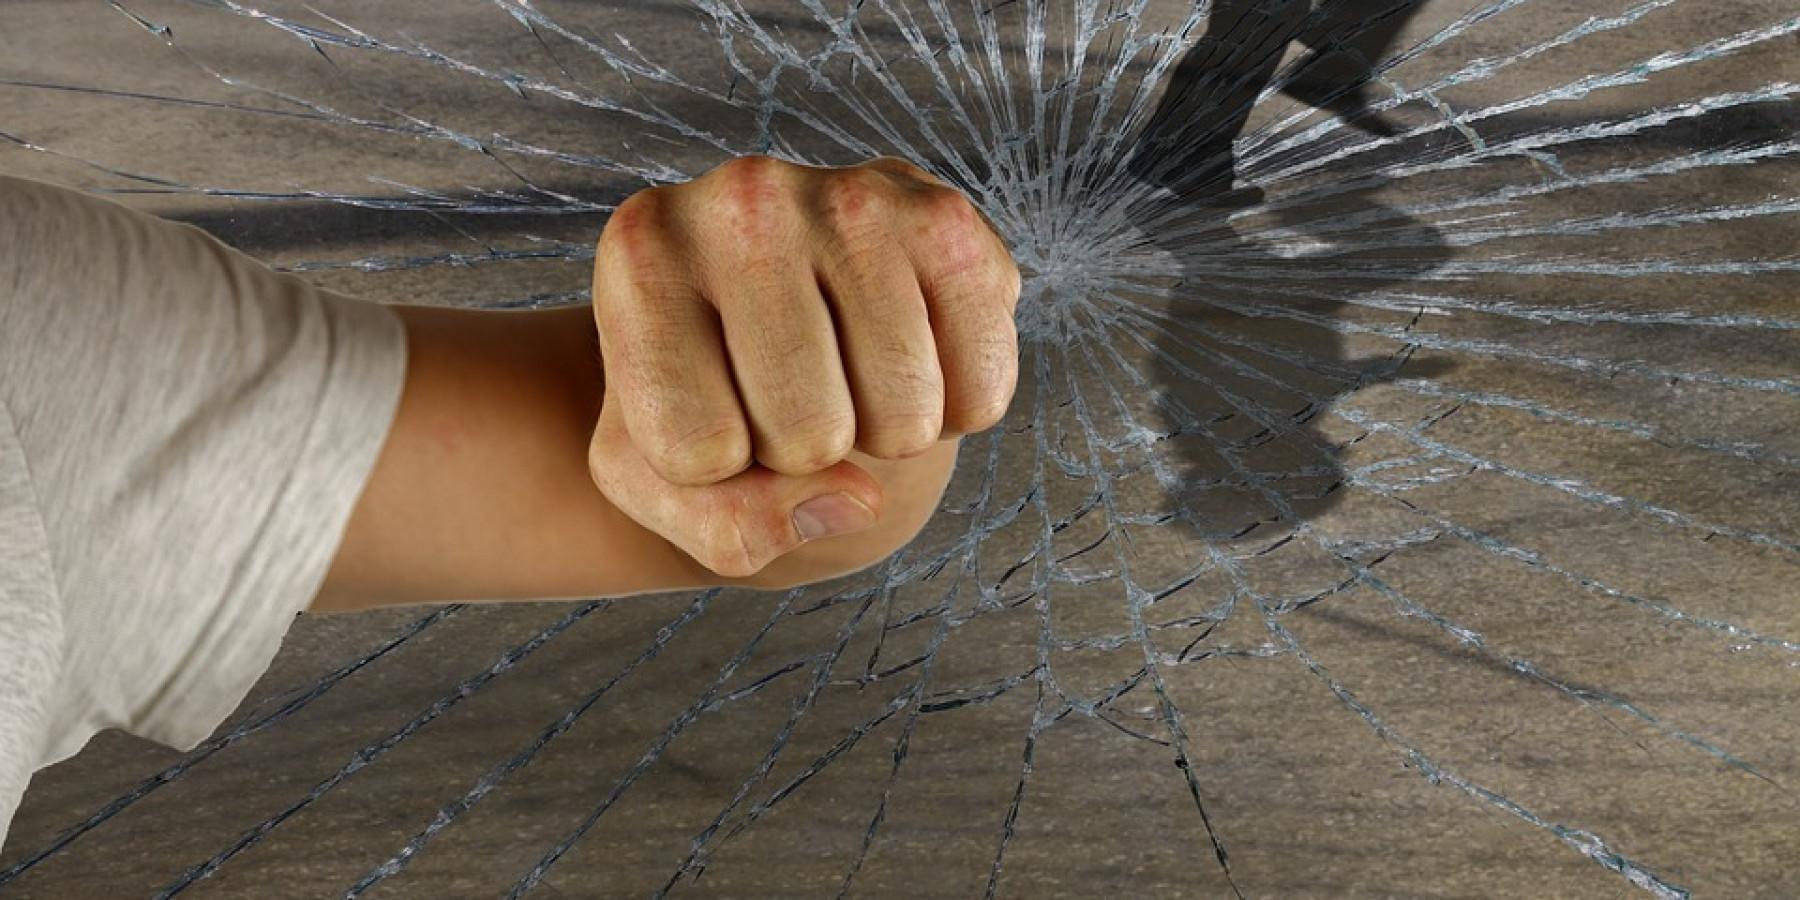 Einbrecher scheitern an Terrassentür mit Pilzkopfverriegelung